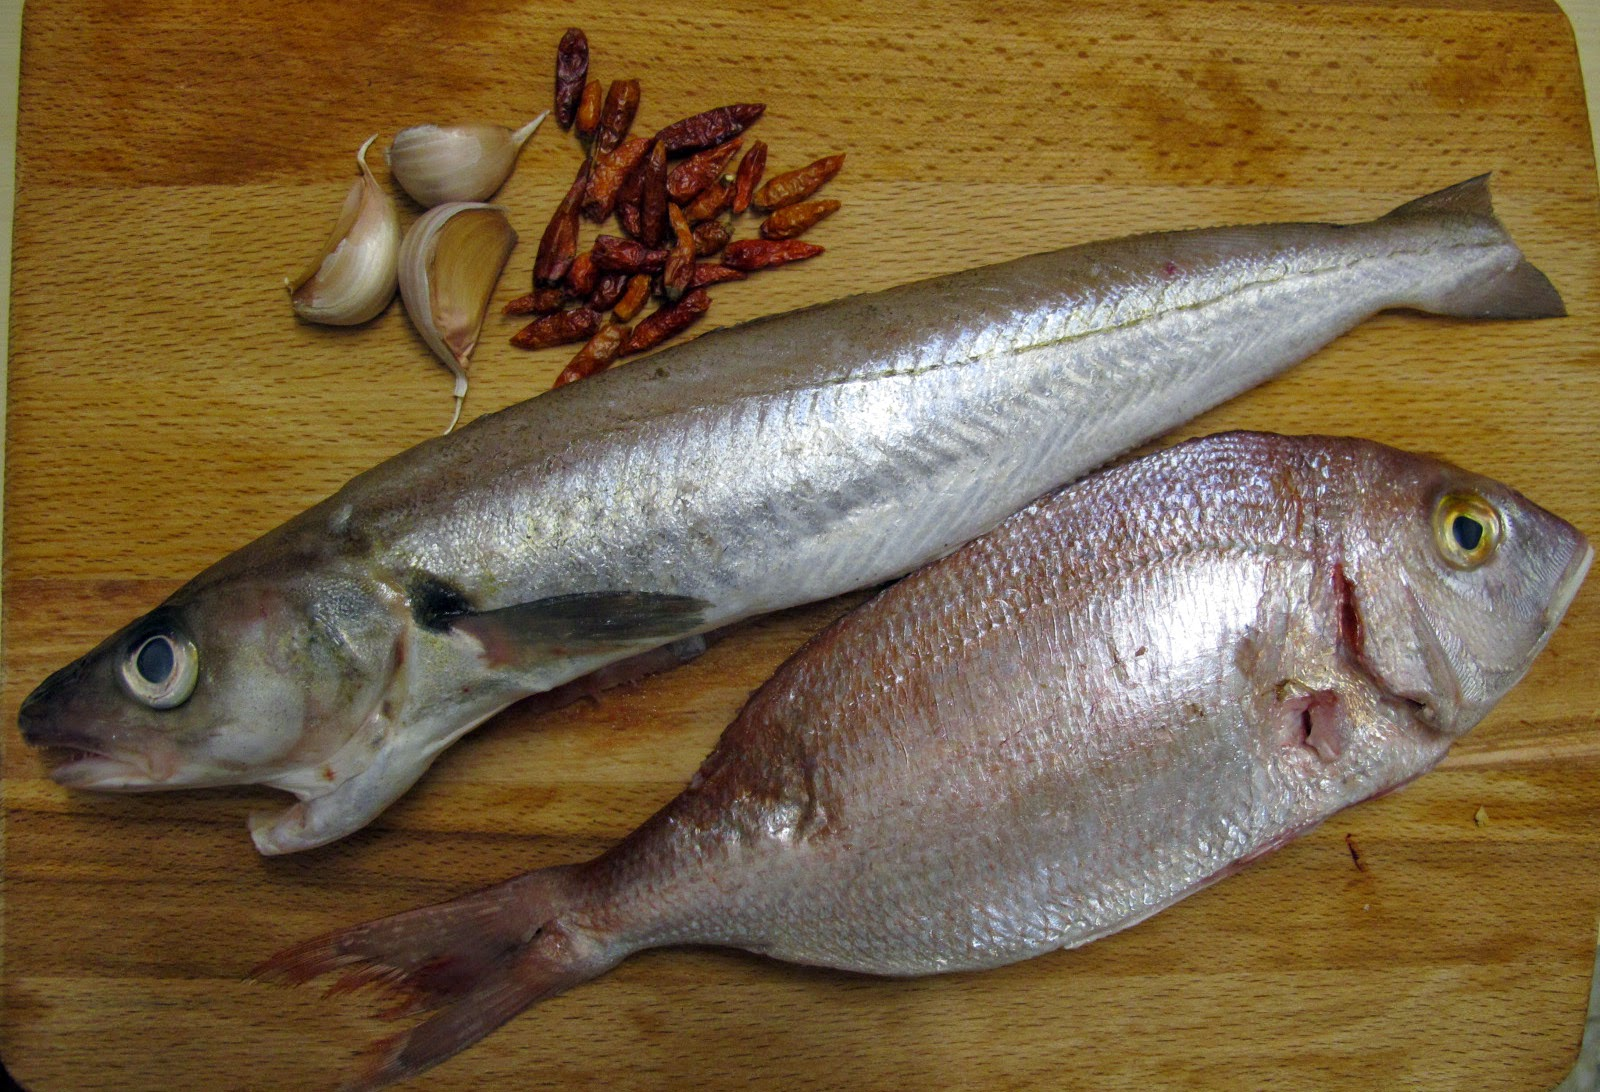 Cuchara cuchillo pescado entero grillado for Cuchillo pescado